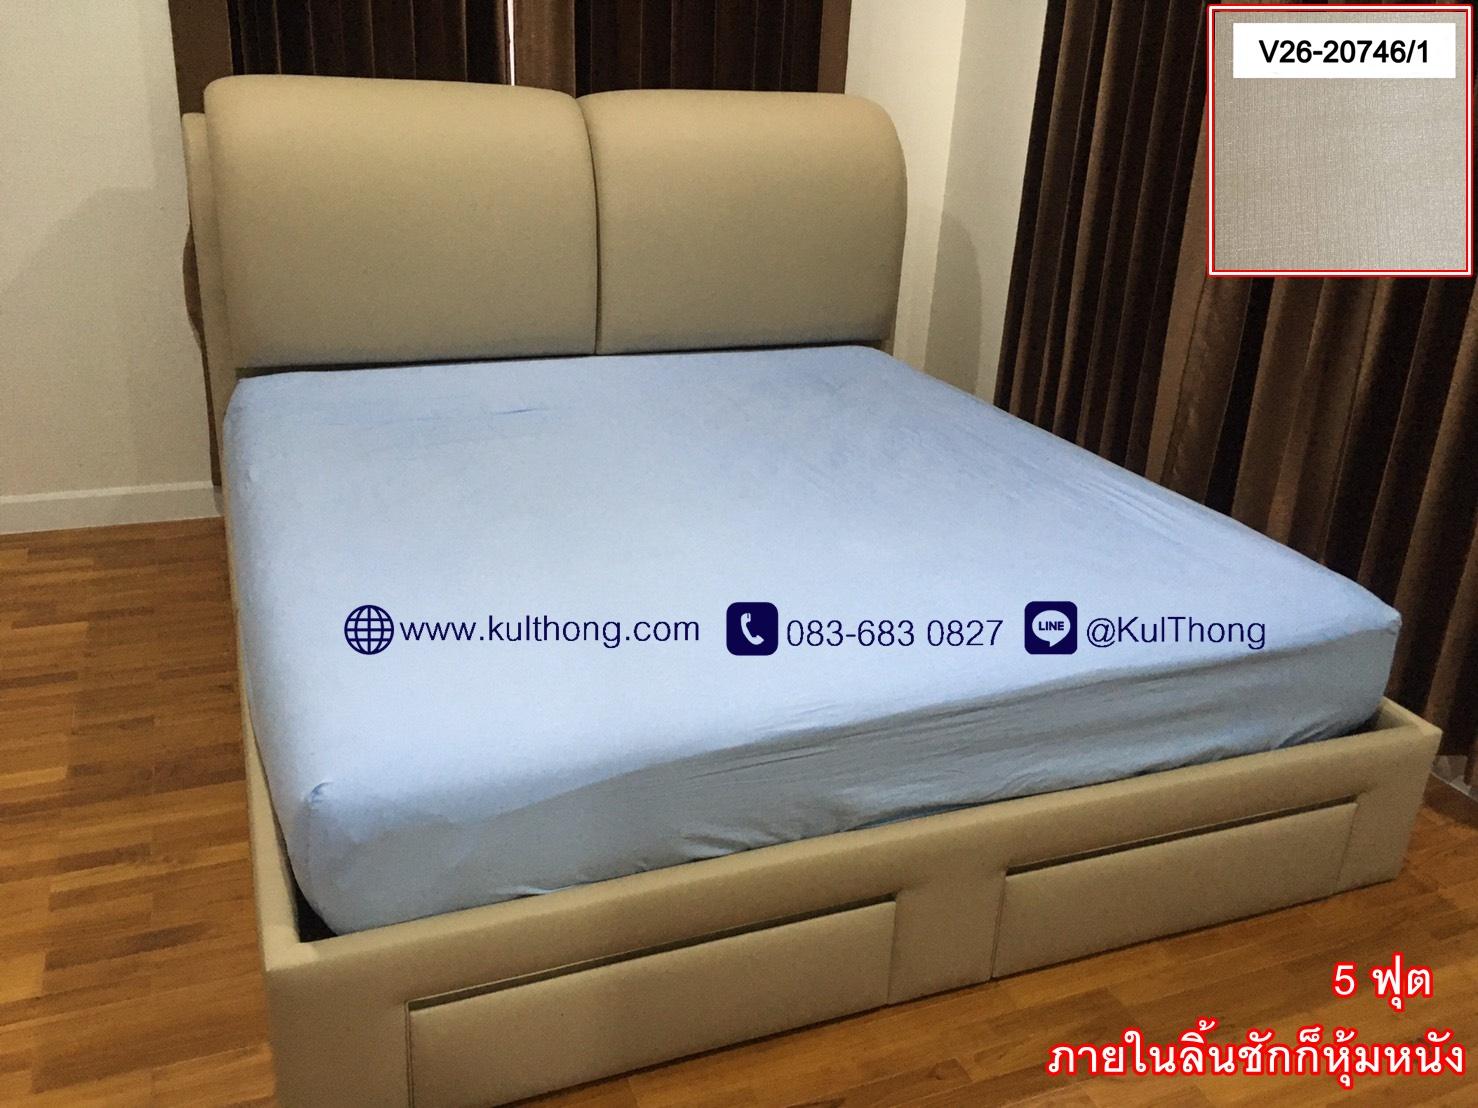 เตียงหุ้มหนัง ฐานรองที่นอน ฐานเตียงนอน